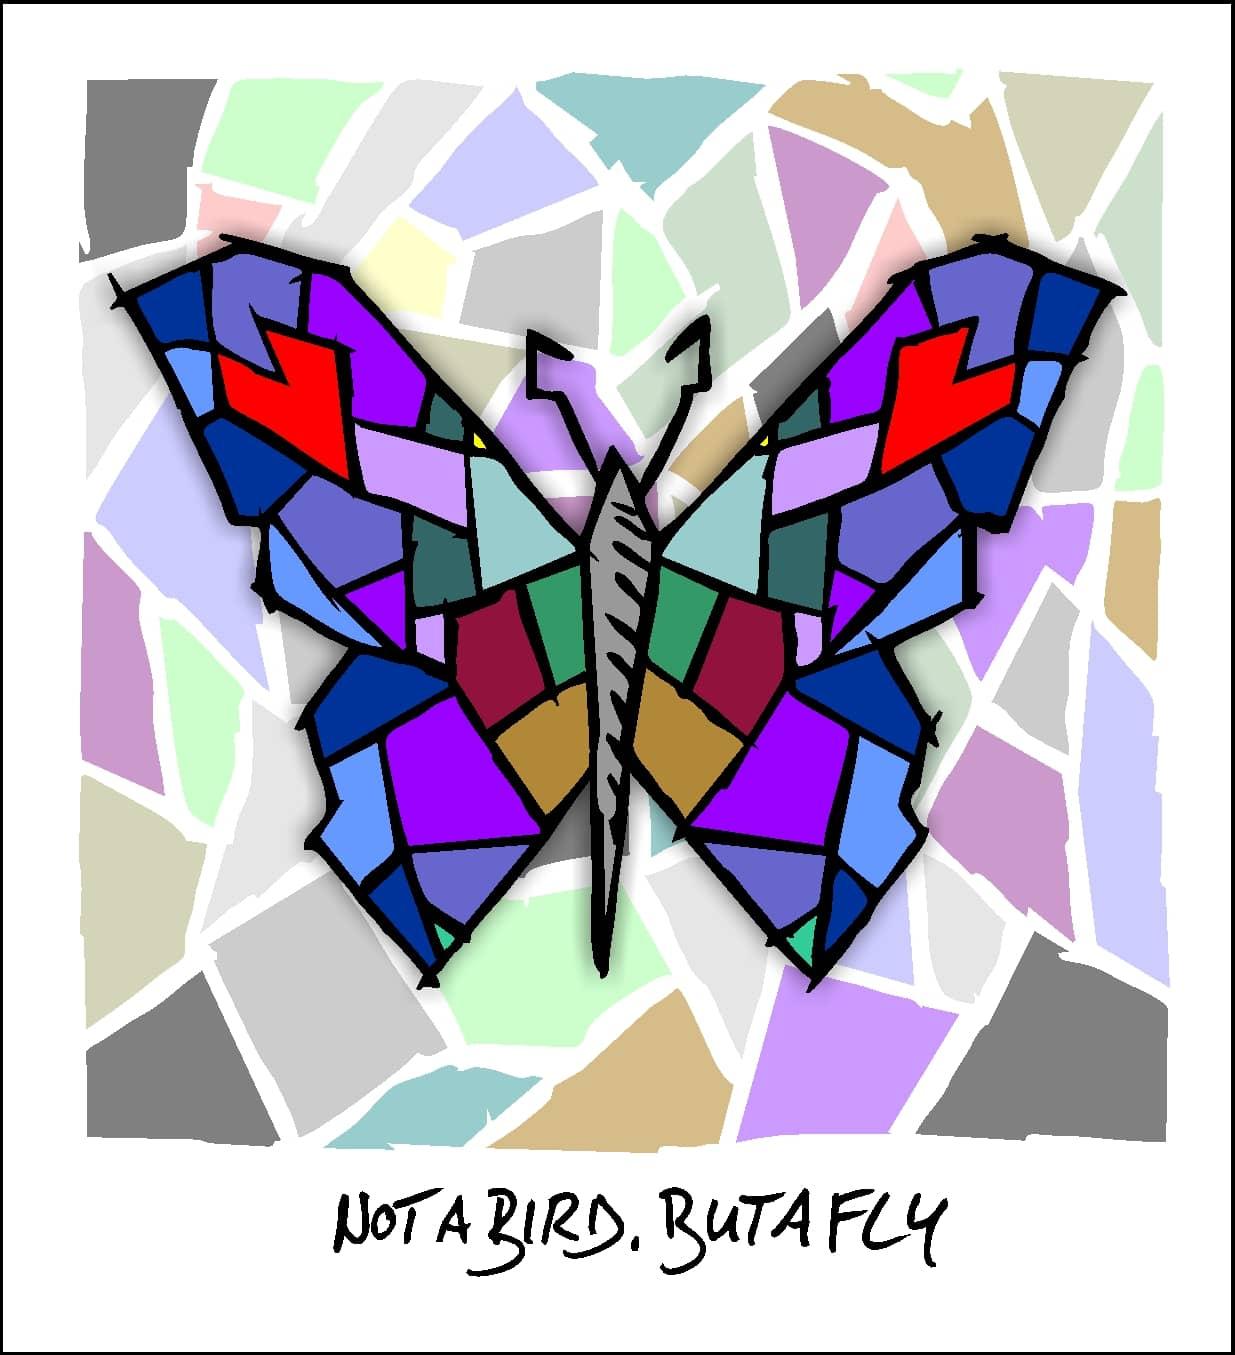 Not a bird, but a fly - Schmetterling von Herman Reichold